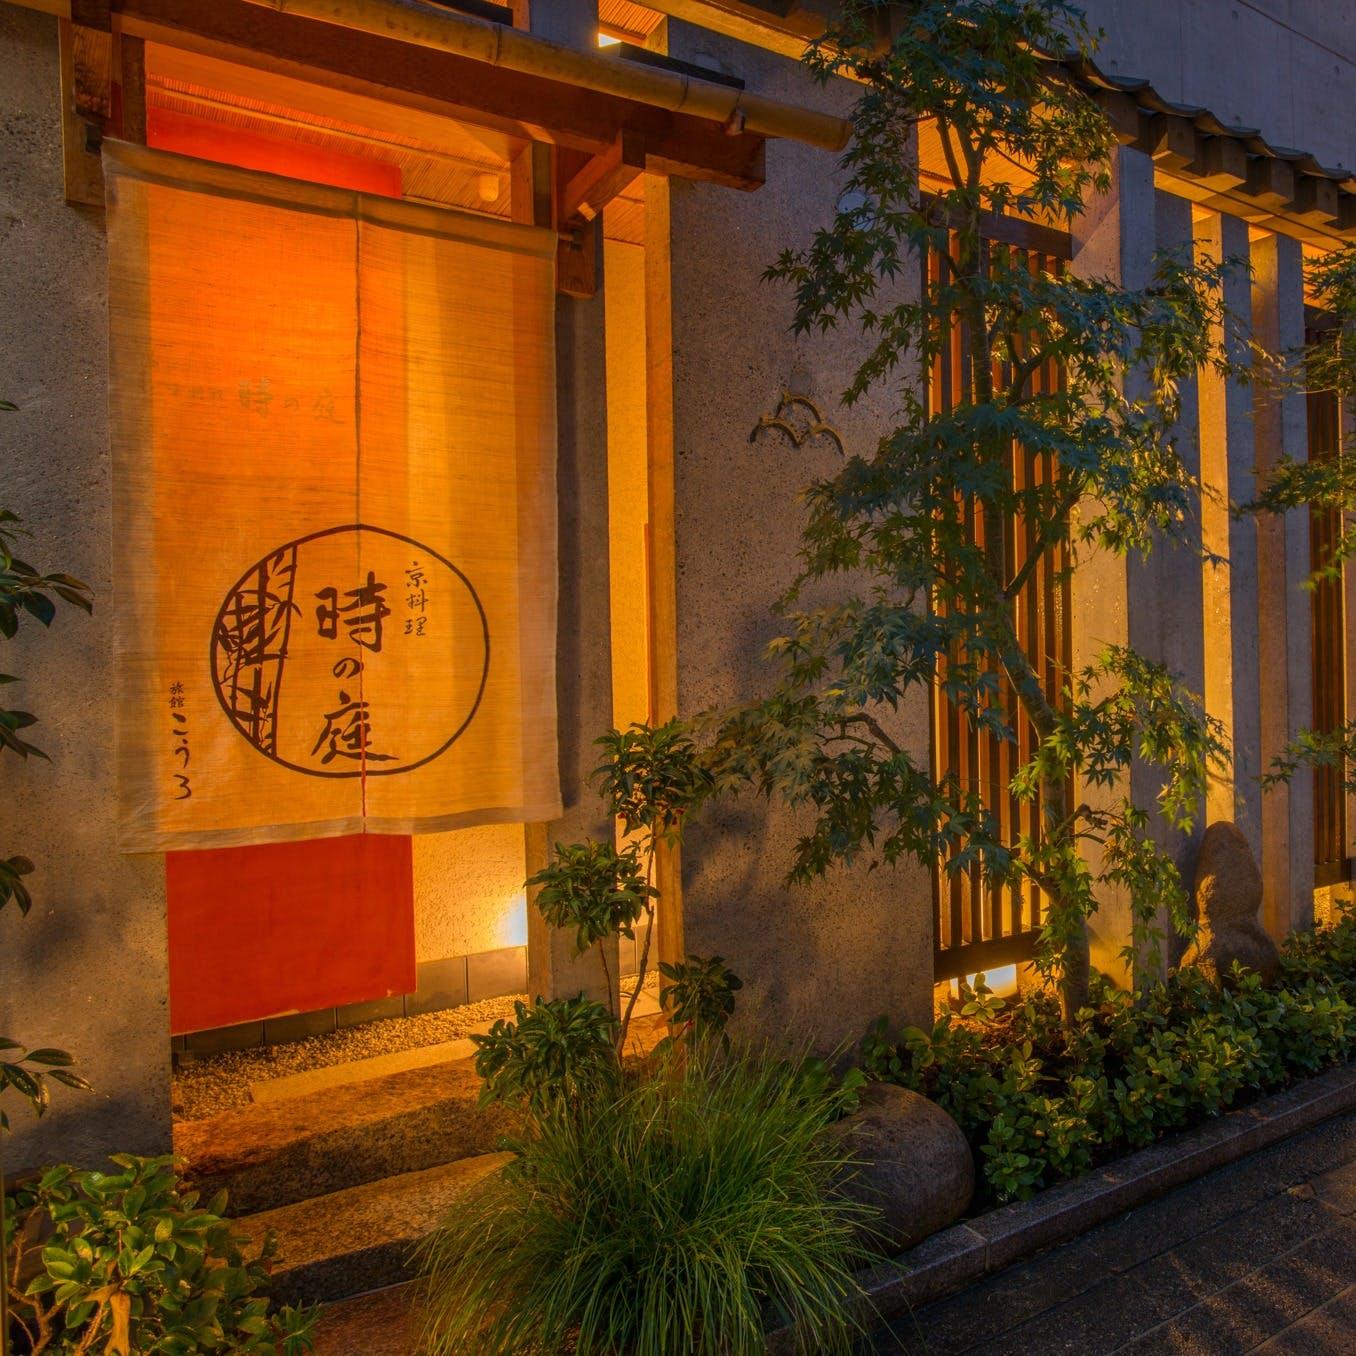 京都の風情溢れる空間